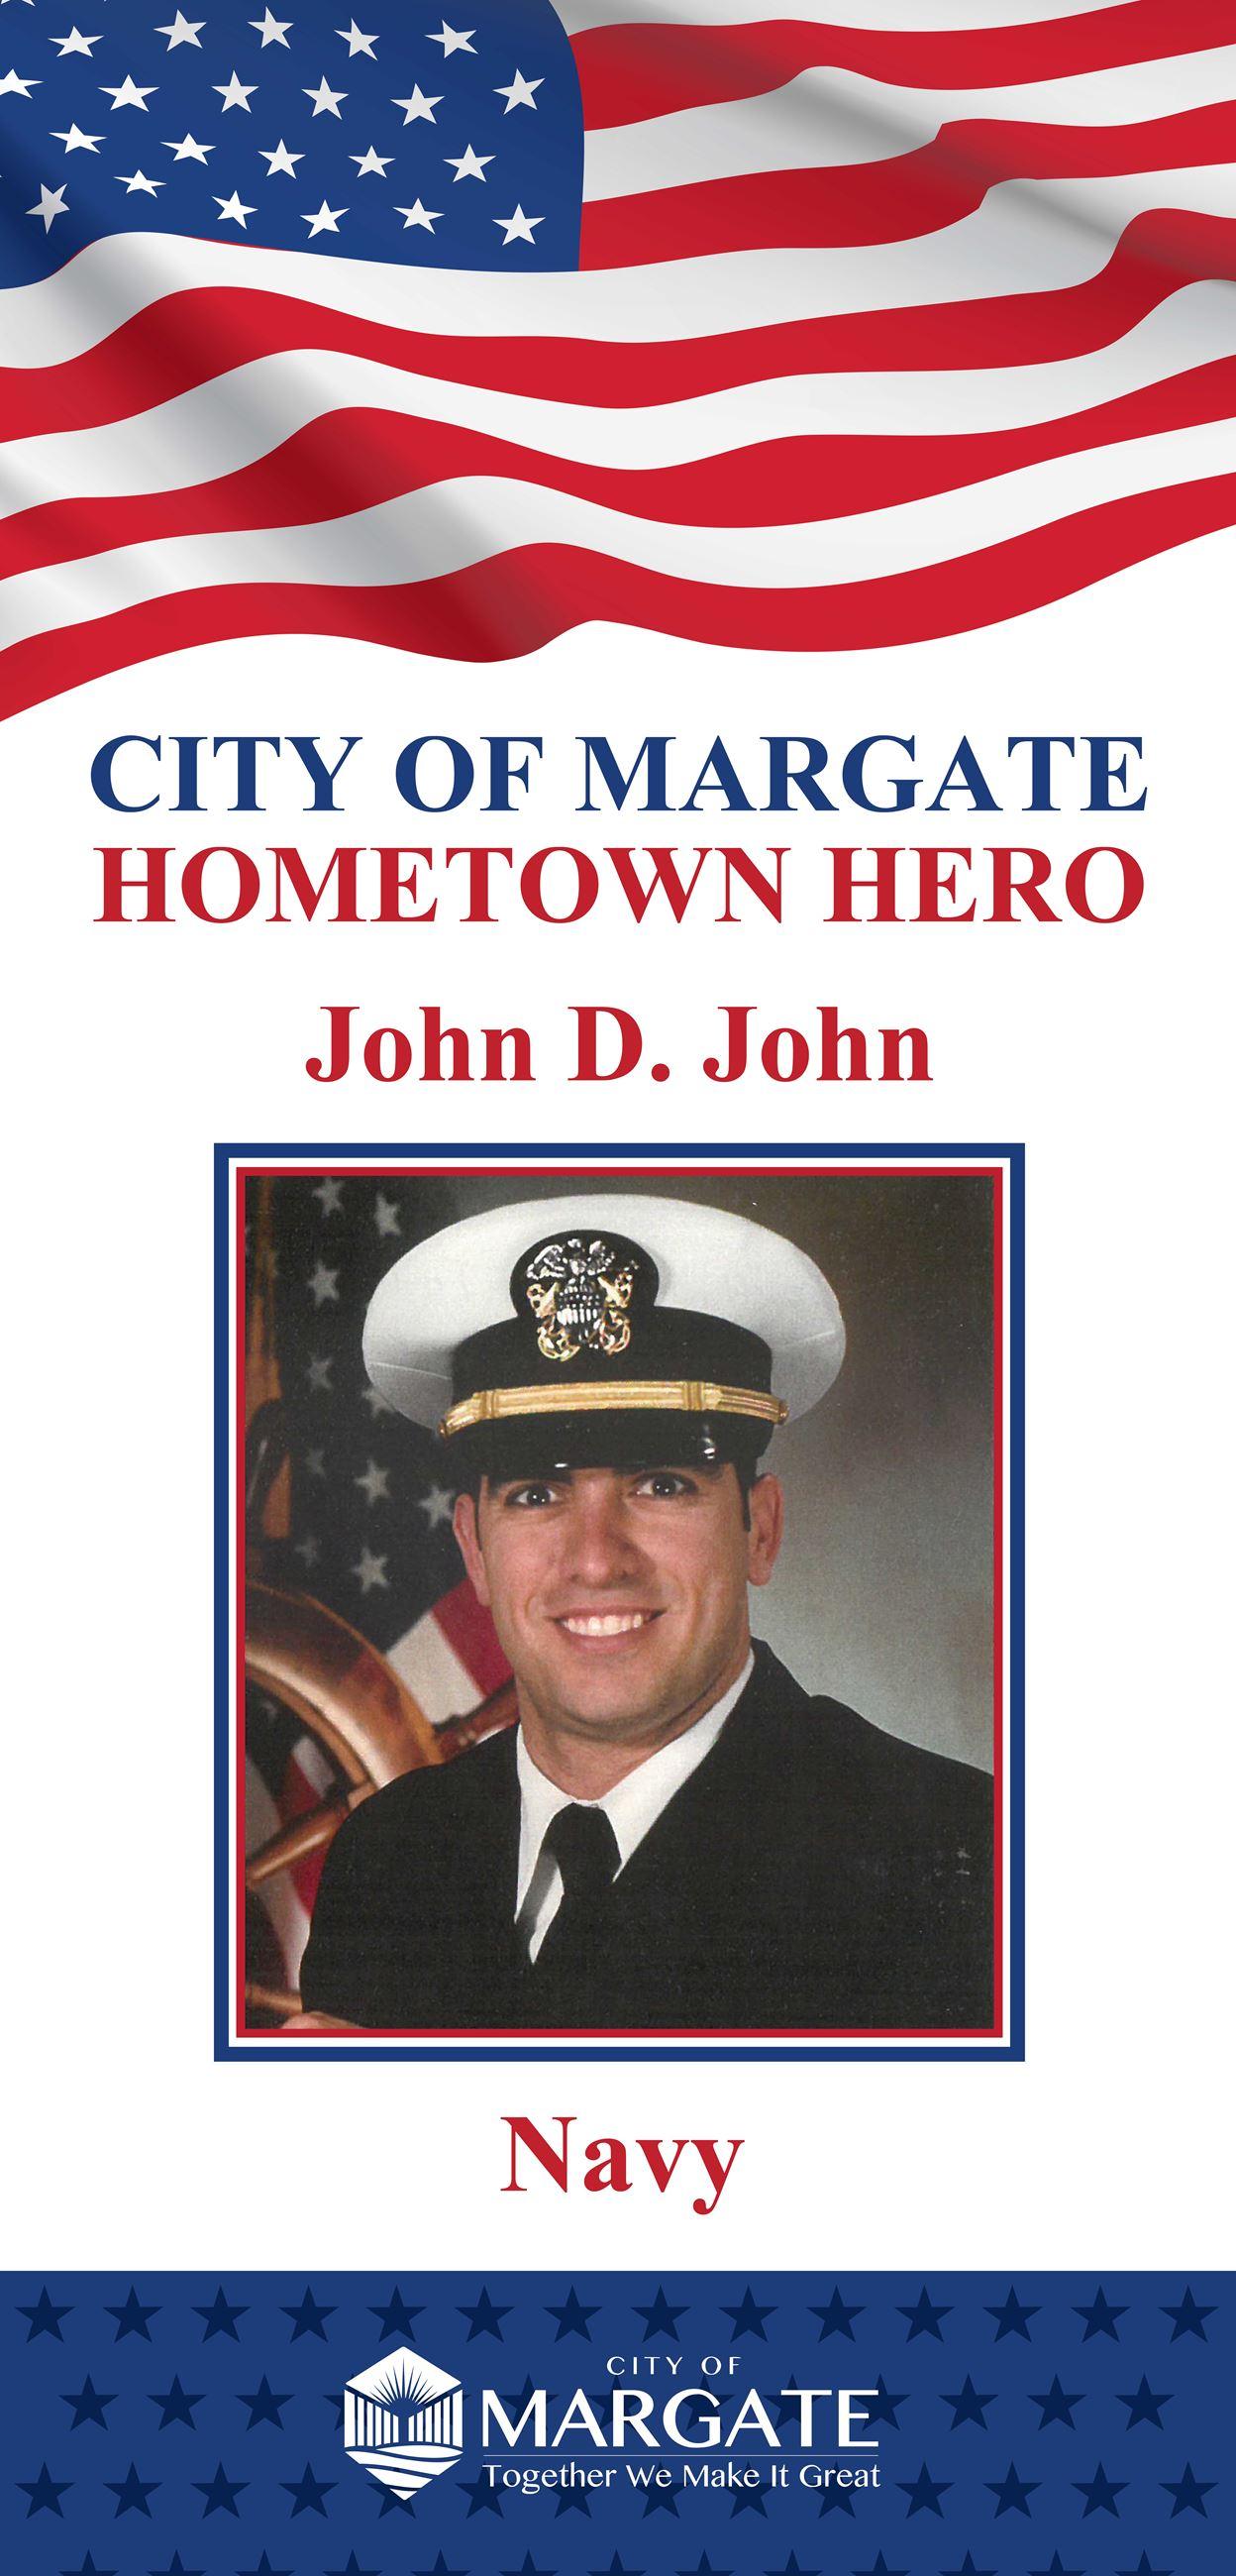 John D John